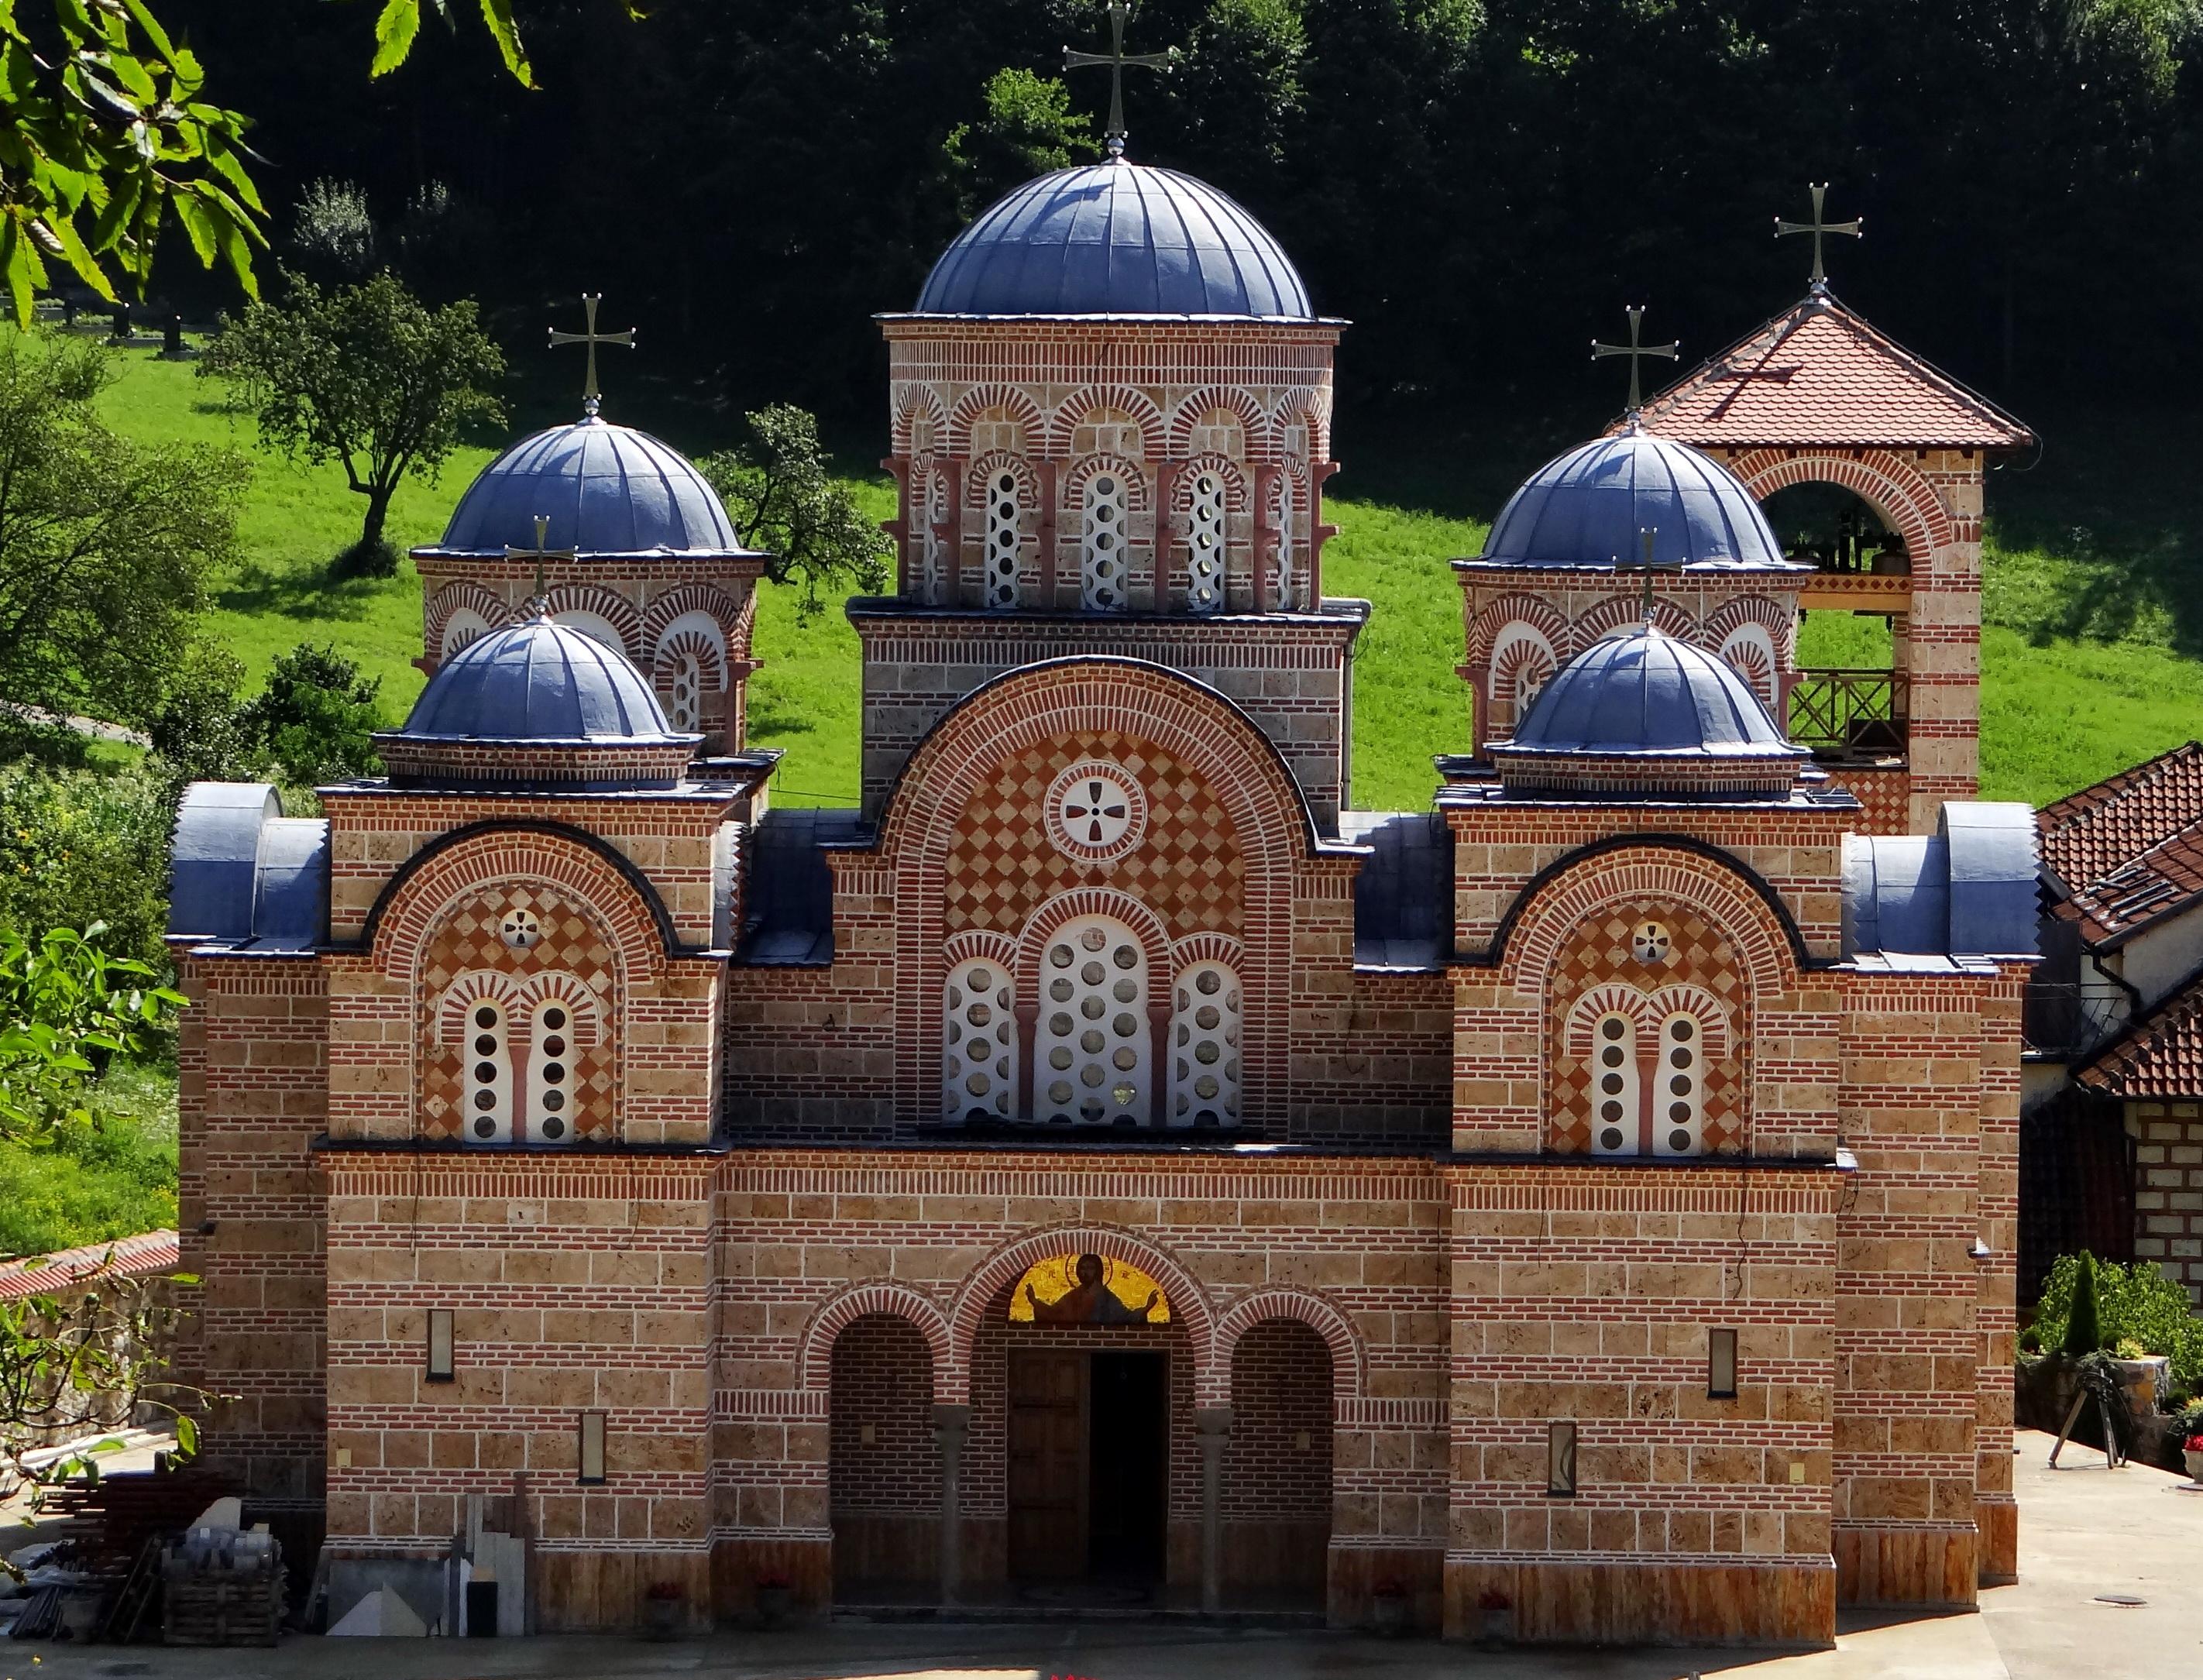 Sfantul Iustin Popovici cinstit in Manastirea Celije, in care acesta a vietuit, in Serbia. Vezi mai multe amanunte legate de eveniment.